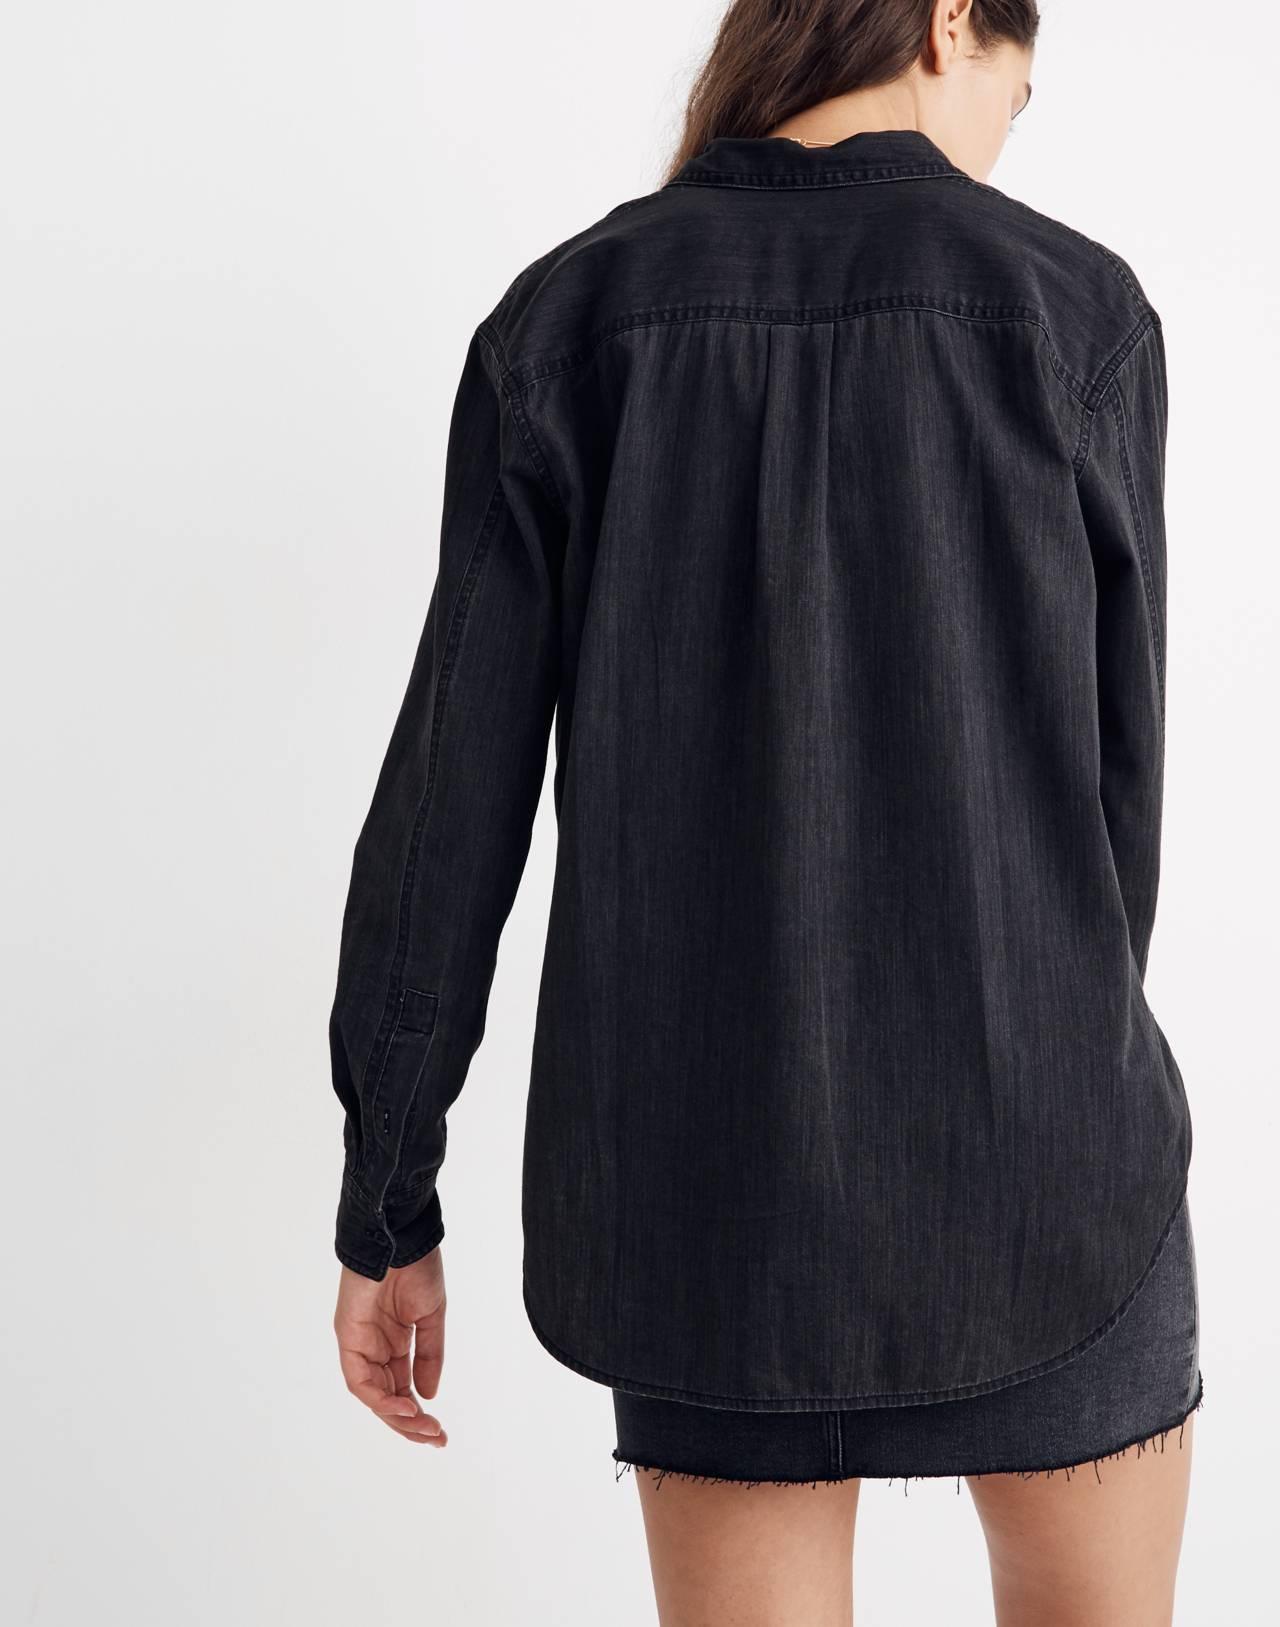 Denim Oversized Ex-Boyfriend Shirt in Lunar Wash in lunar wash image 3